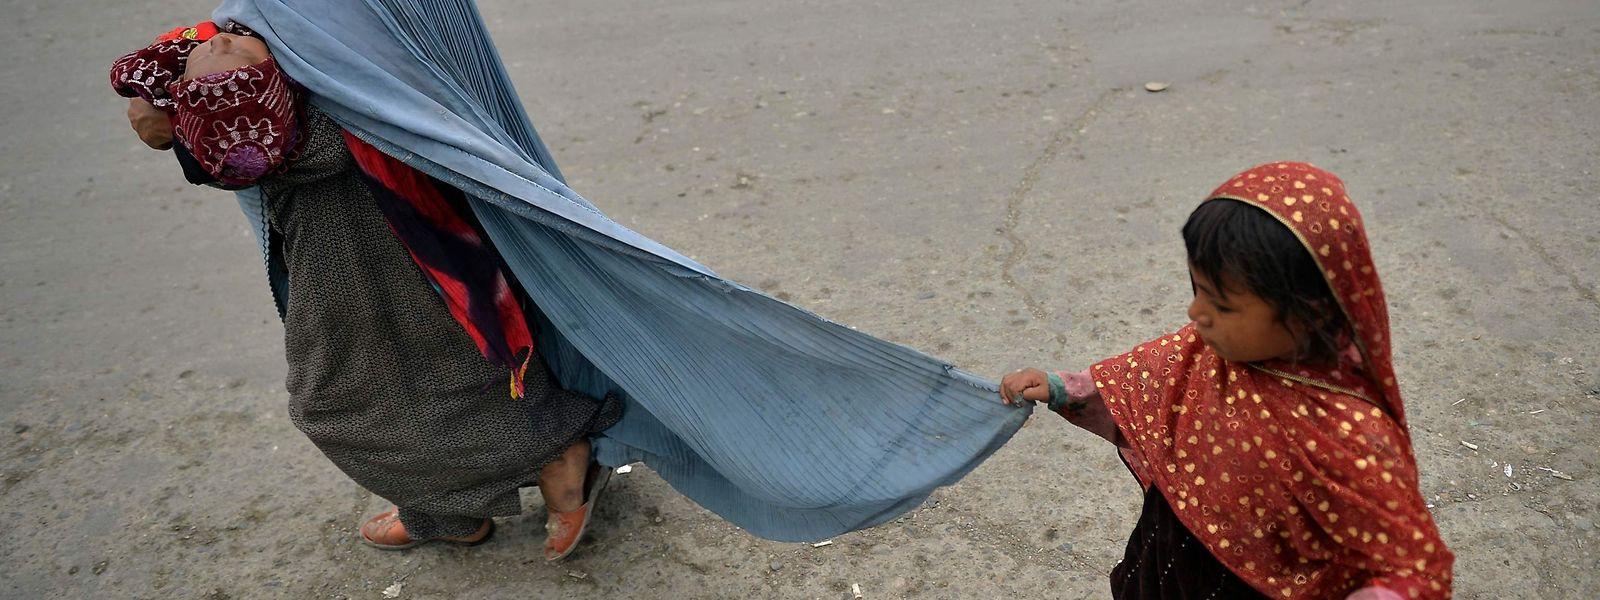 Vor allem die Frauen werden es in einem von den Taliban regierten Afghanistan schwer haben.